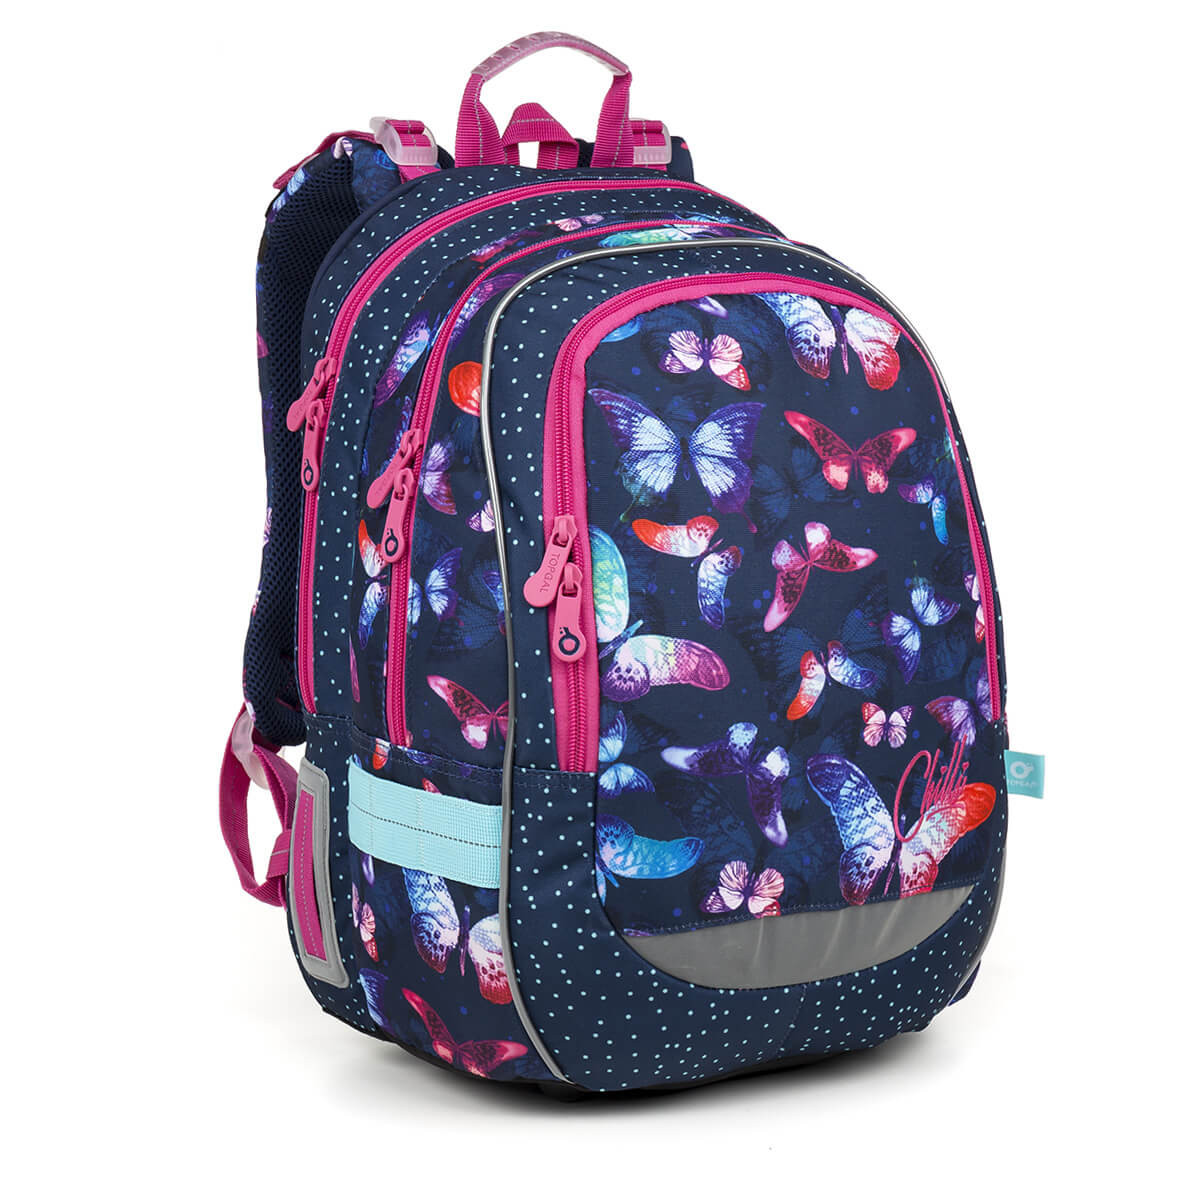 Školní batoh Topgal - CODA 18045 G. Dvoukomorový ... 7b3538ecee